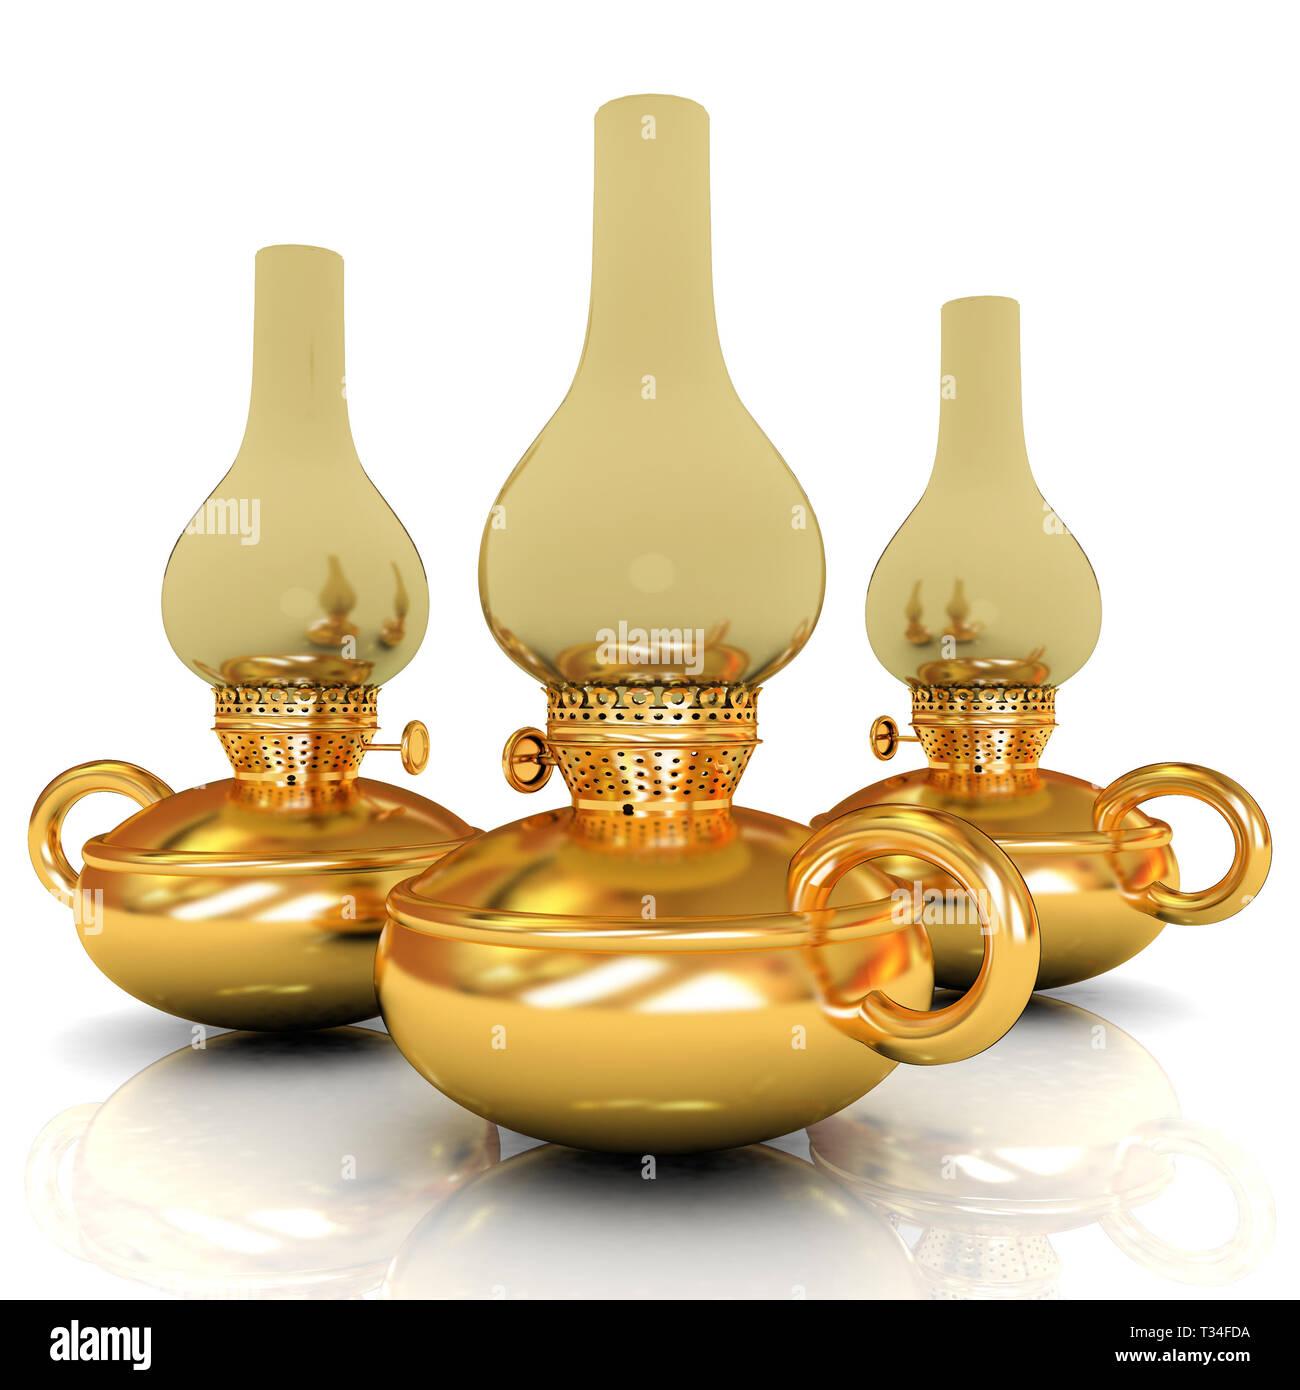 Old retro vintage golden kerosene lamp. 3d render - Stock Image